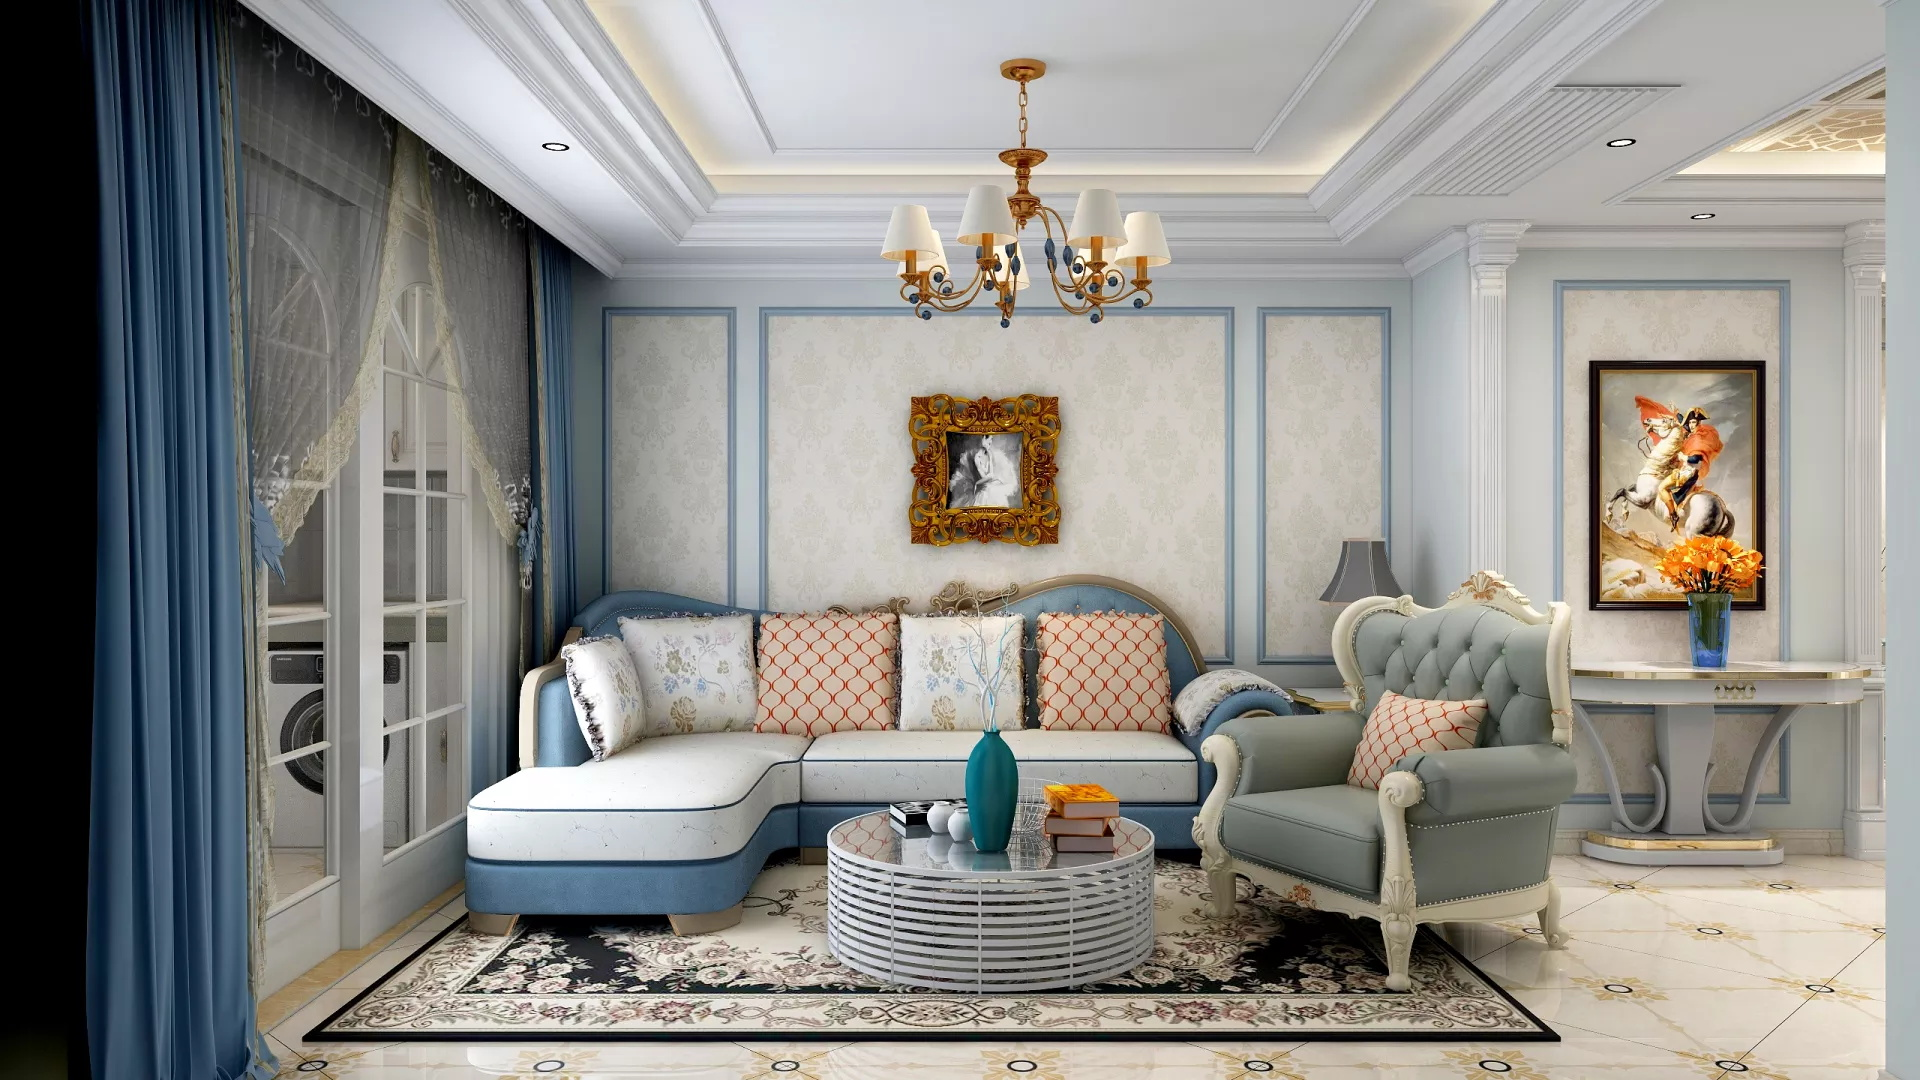 客厅设计规划技巧有哪些 装修客厅效果图